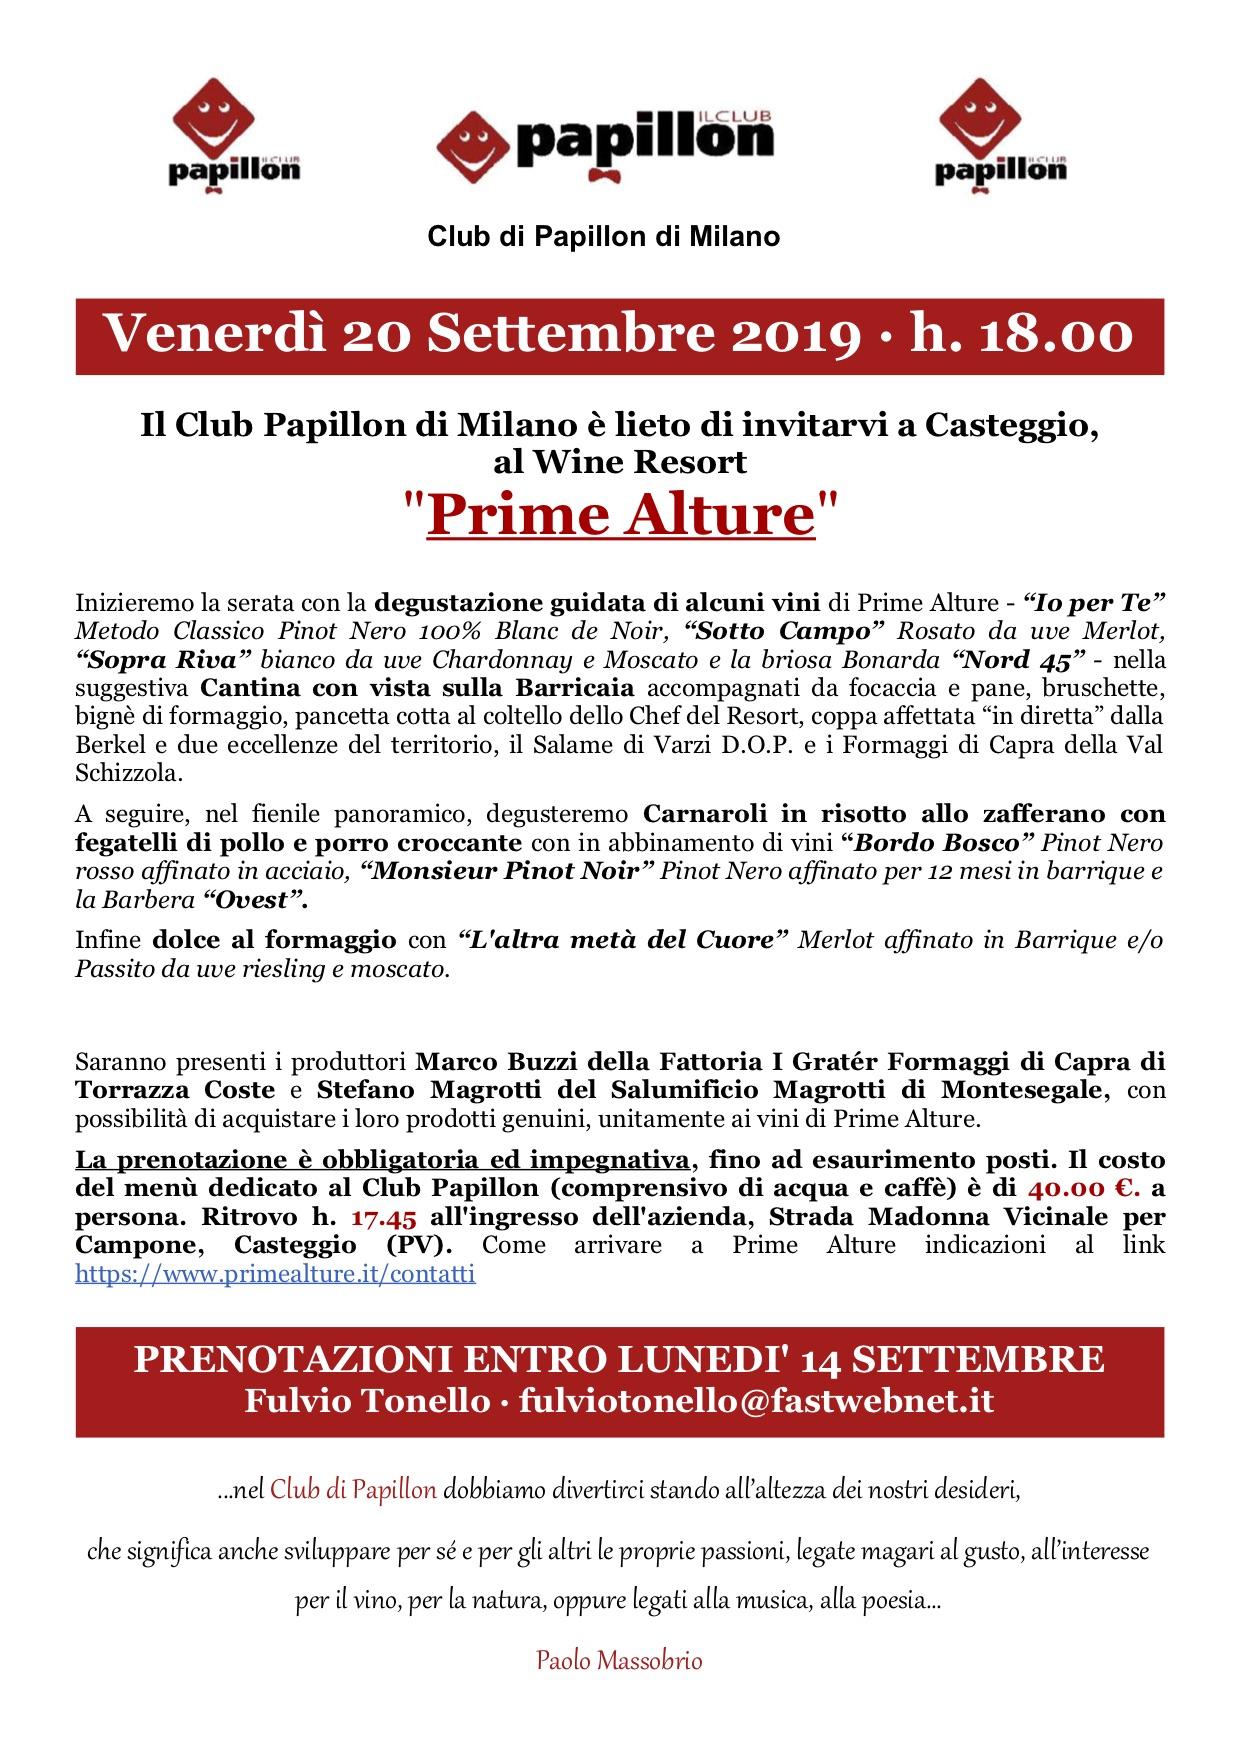 2019_09_20_PrimeAlture_revisione.jpg